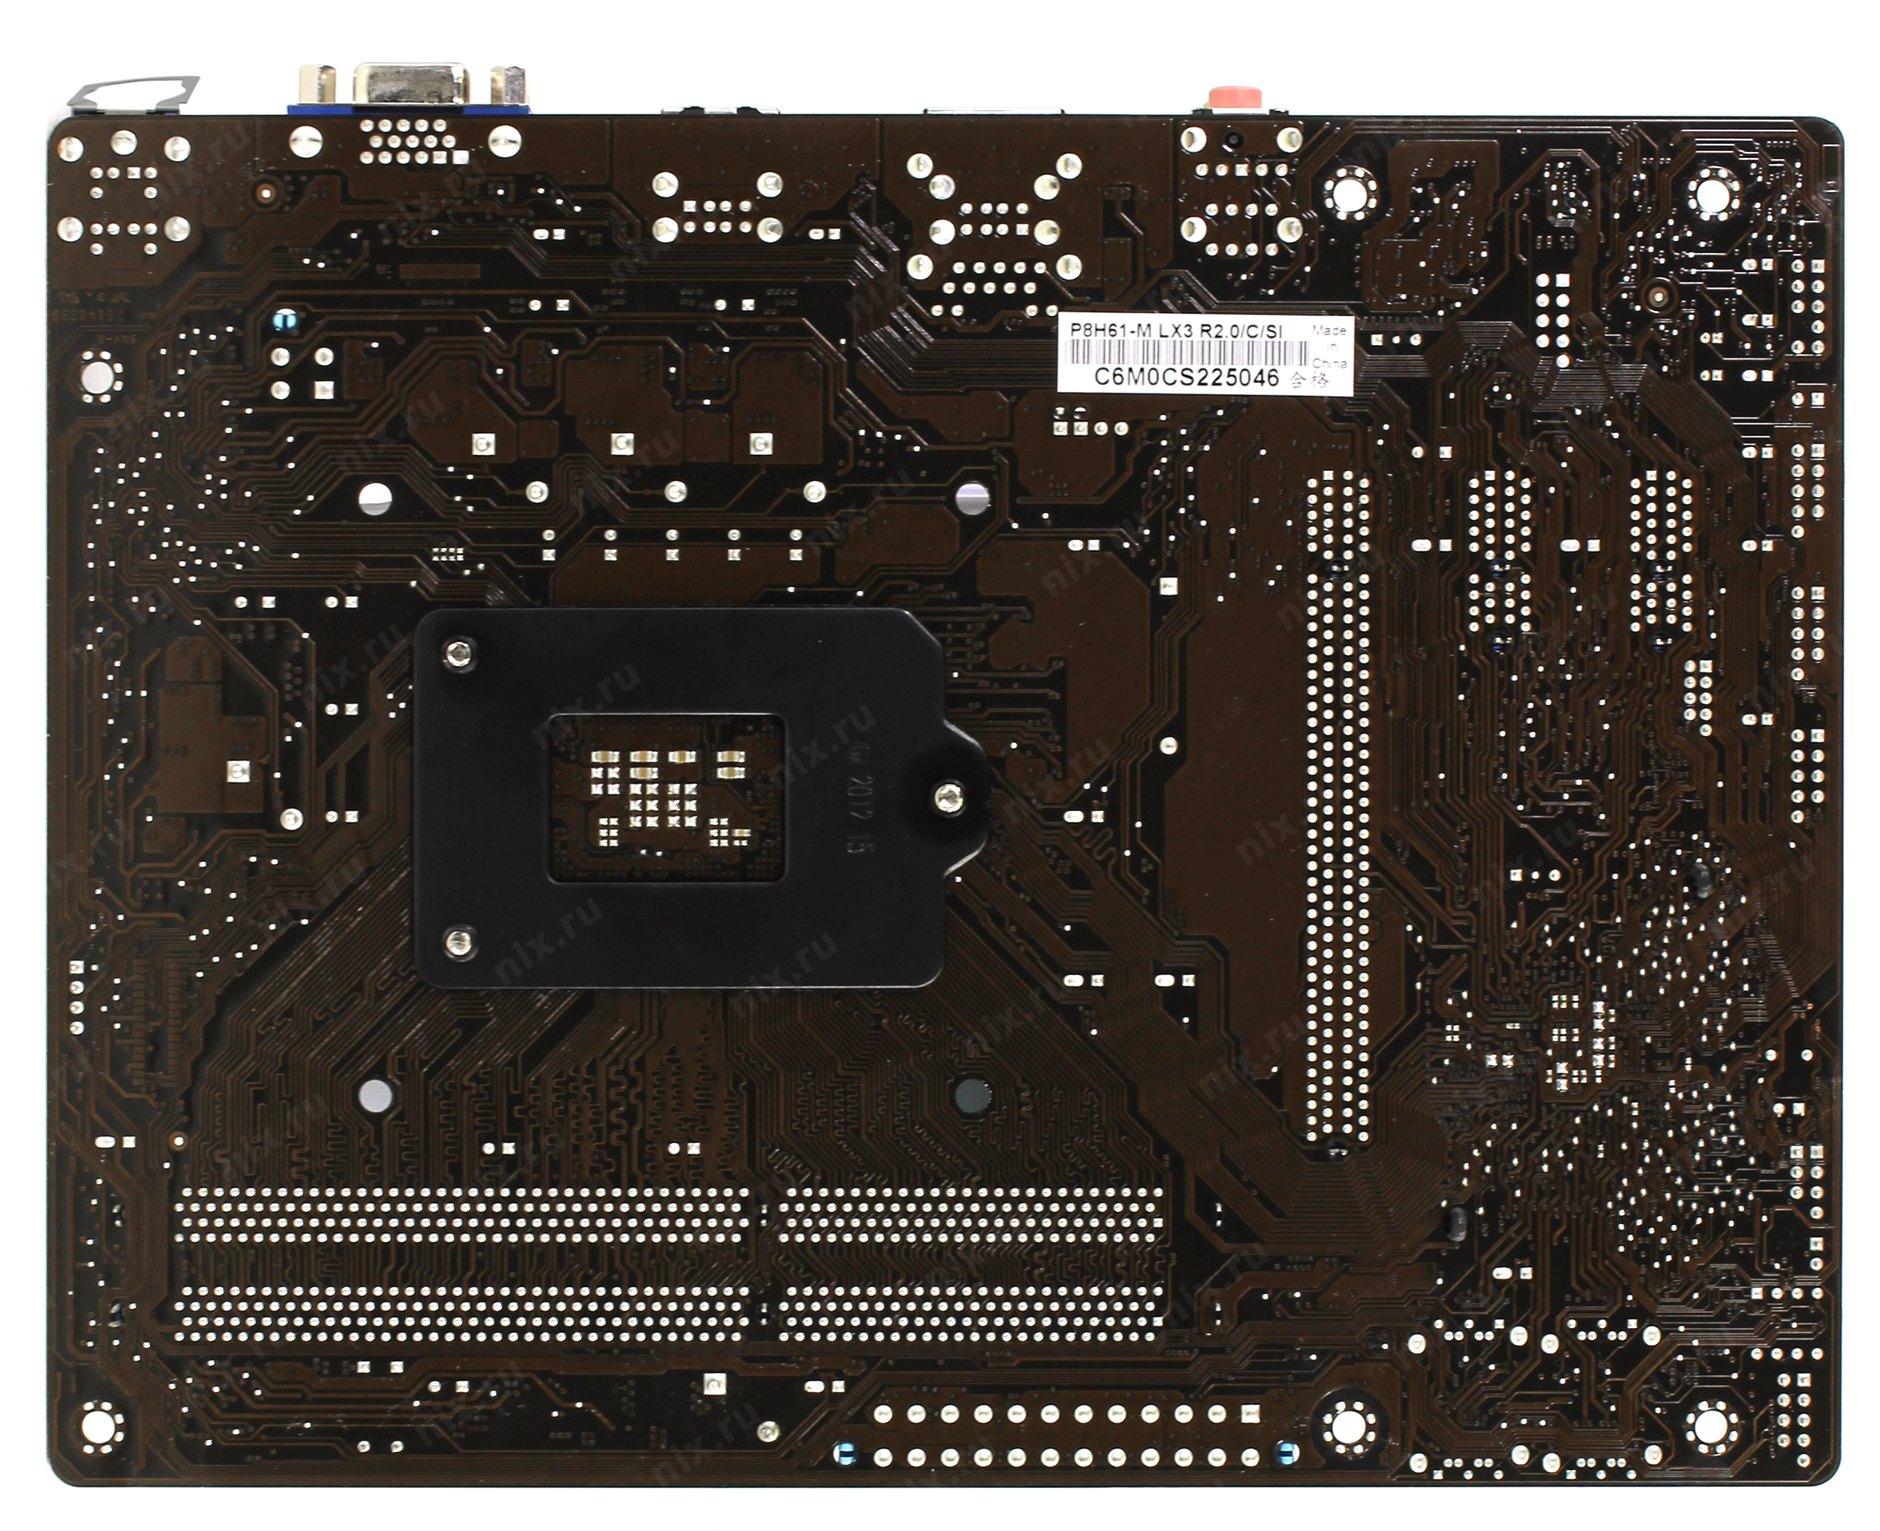 P8H61-M LX3 R2 0